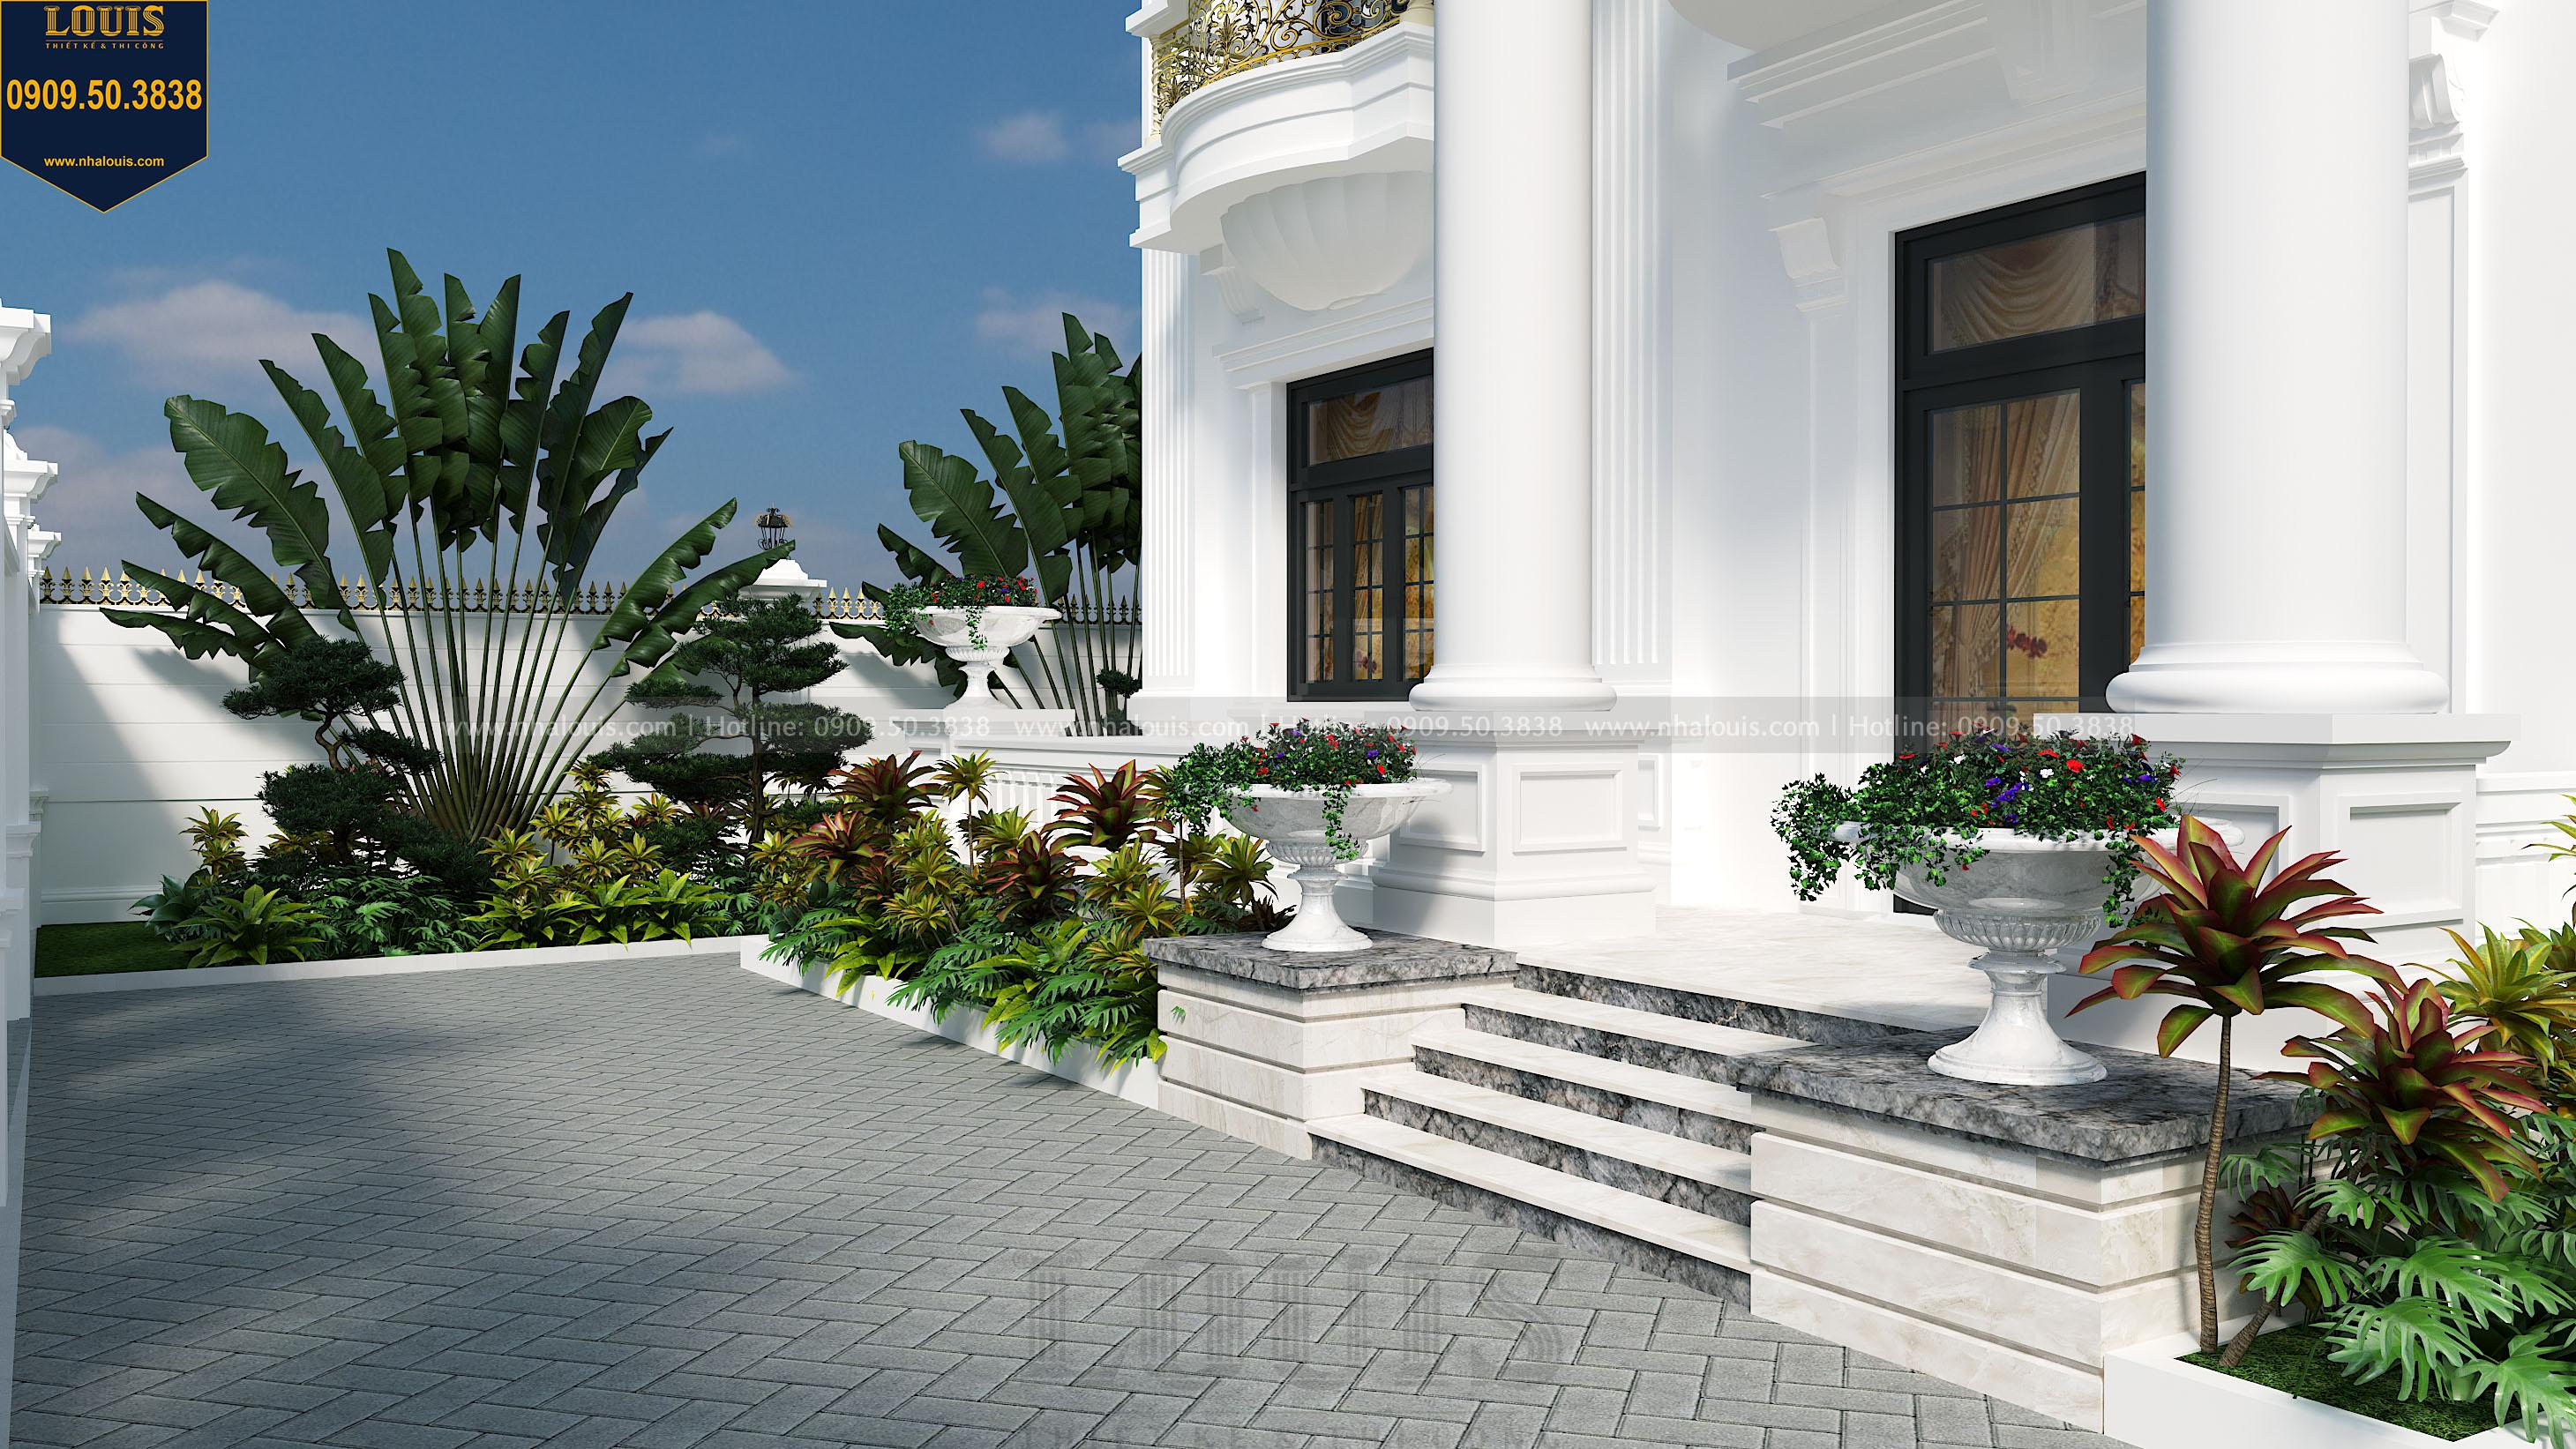 thiết kế vườn nhà biệt thự